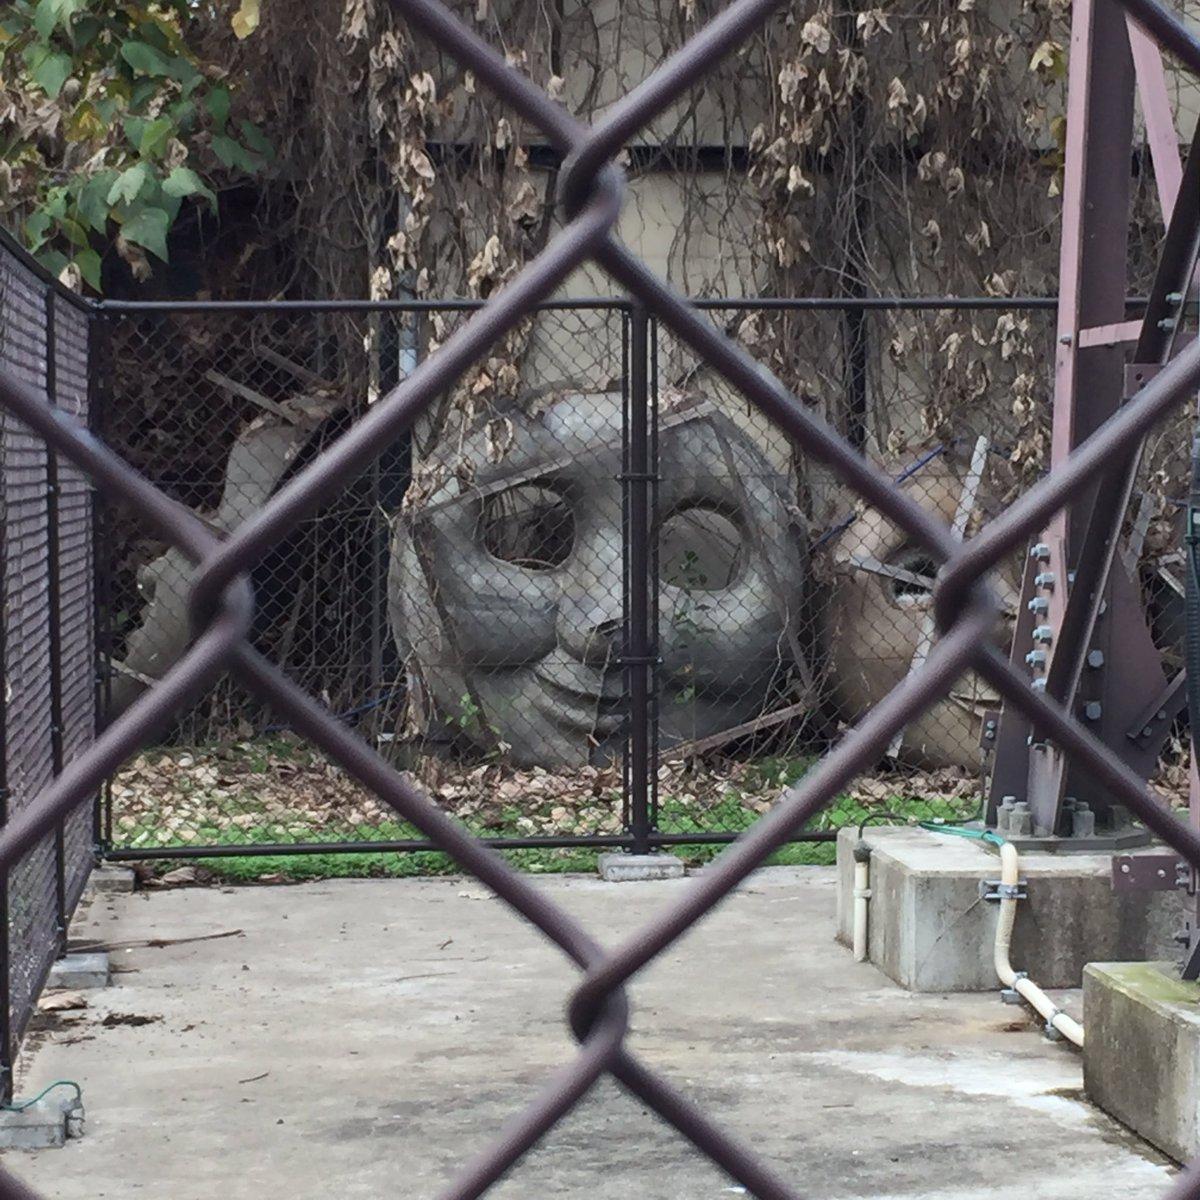 散歩中にトーマスの墓場を見つけてしまった… pic.twitter.com/VmMMlvb8P1